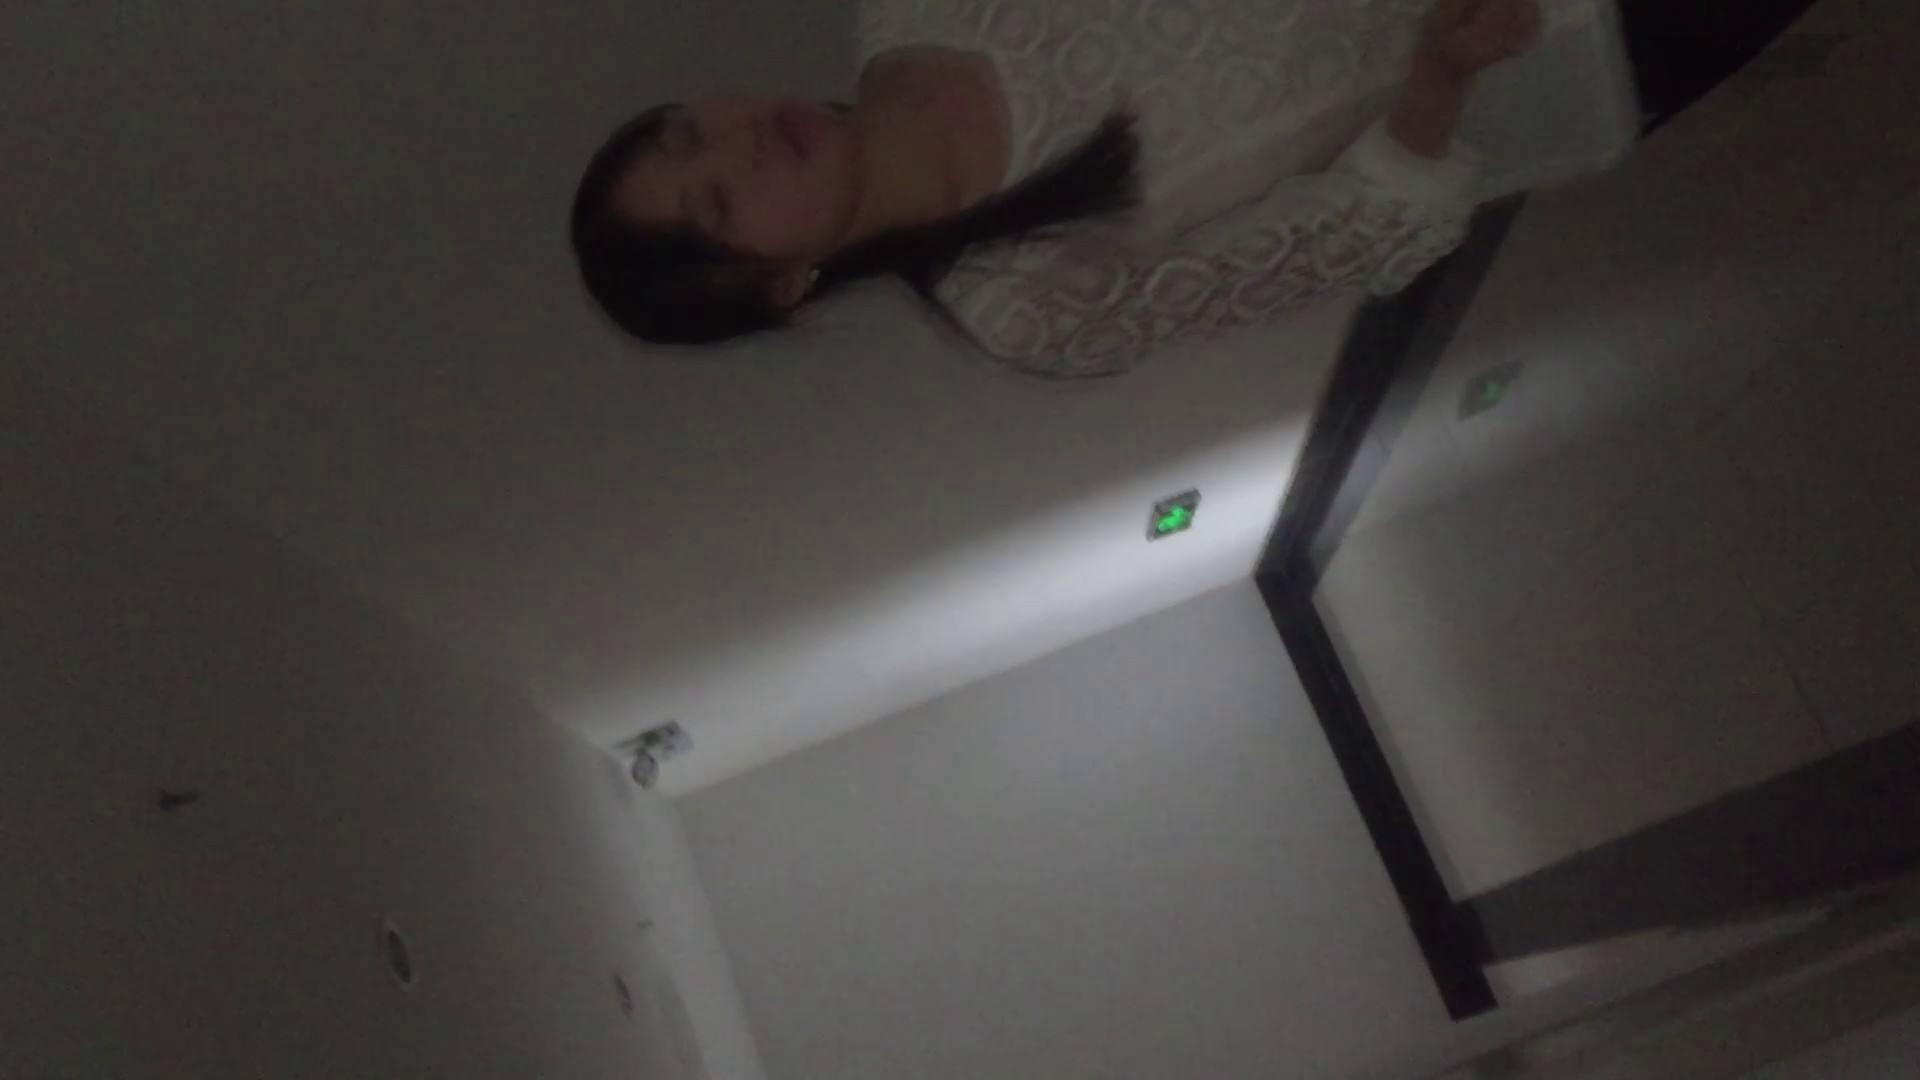 JD盗撮 美女の洗面所の秘密 Vol.69 美女のボディ オマンコ無修正動画無料 86PIX 23